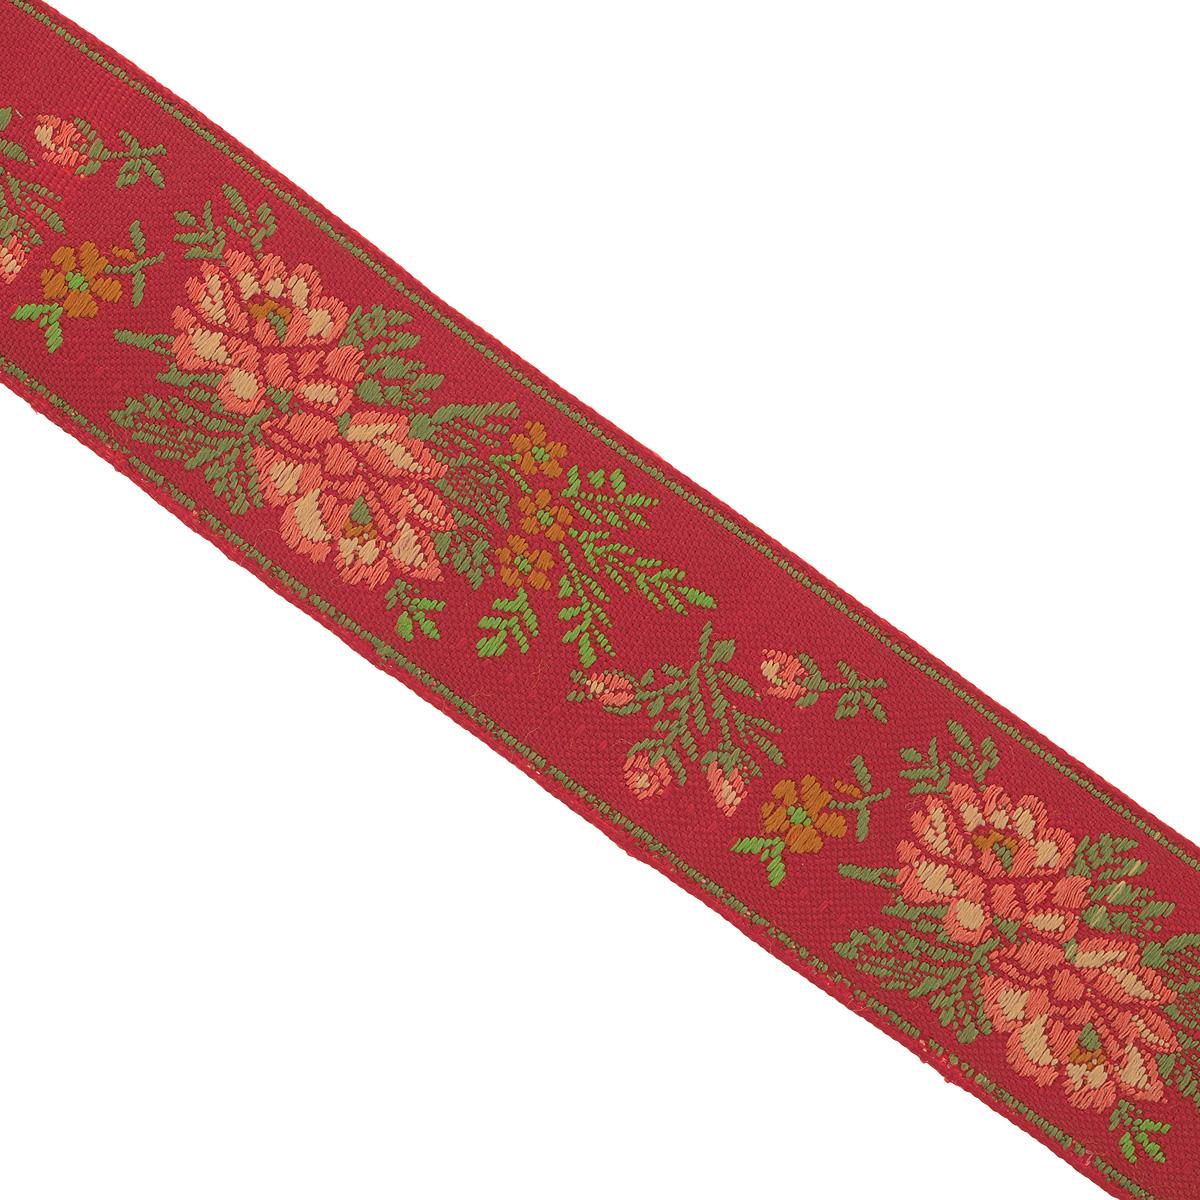 Тесьма декоративная Астра, цвет: красный, ширина 3 см, длина 900 см7703456_24Декоративная тесьма Астра выполнена из текстиля и оформлена оригинальными жаккардовыми цветами. Такая тесьма идеально подойдет для оформления различных творческих работ таких, как скрапбукинг, аппликация, декор коробок, открыток и многого другого. Изделие станет незаменимым элементом в создании рукотворного шедевра.